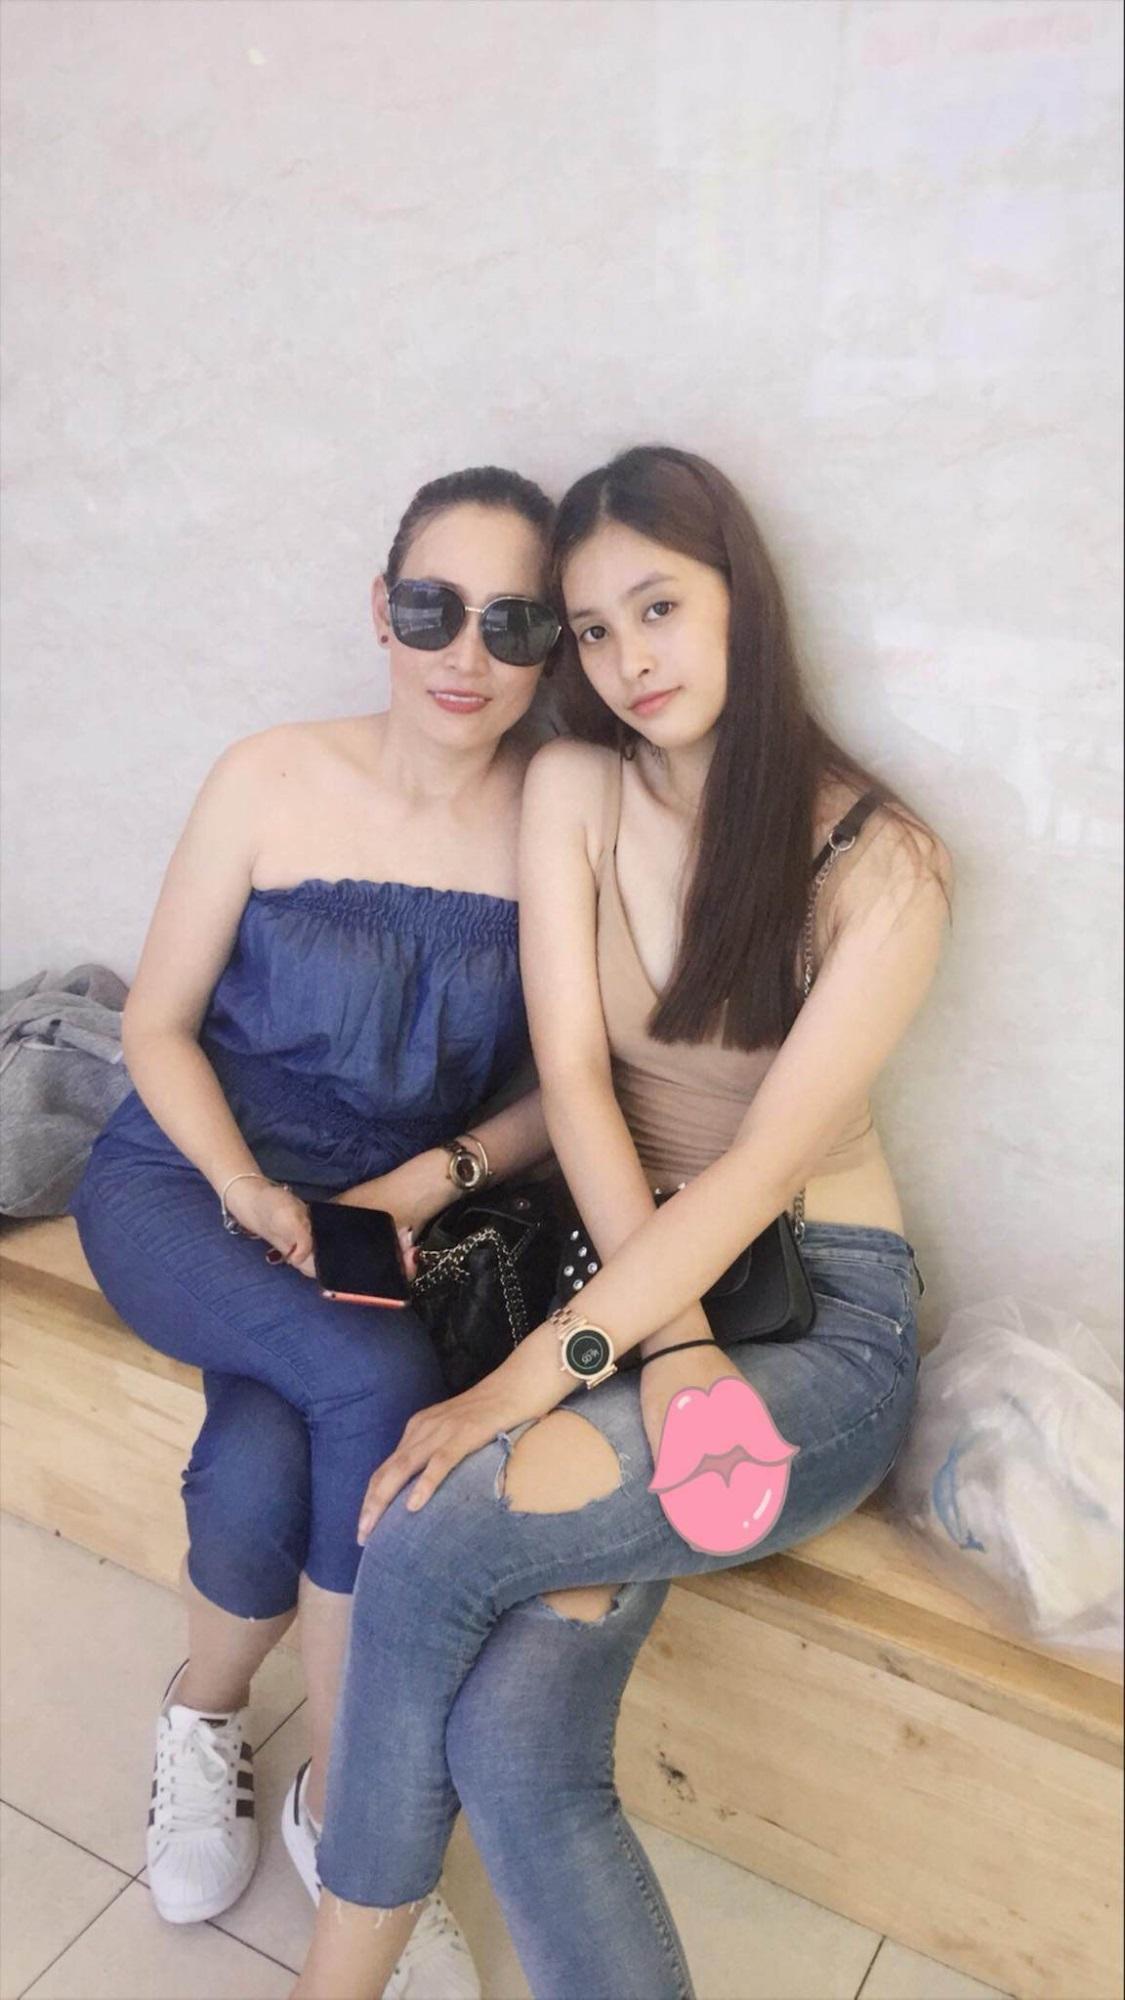 Sốt với sự sành điệu, trẻ trung của bố mẹ Hoa hậu Trần Tiểu Vy, chất chơi không thua con gái - Ảnh 4